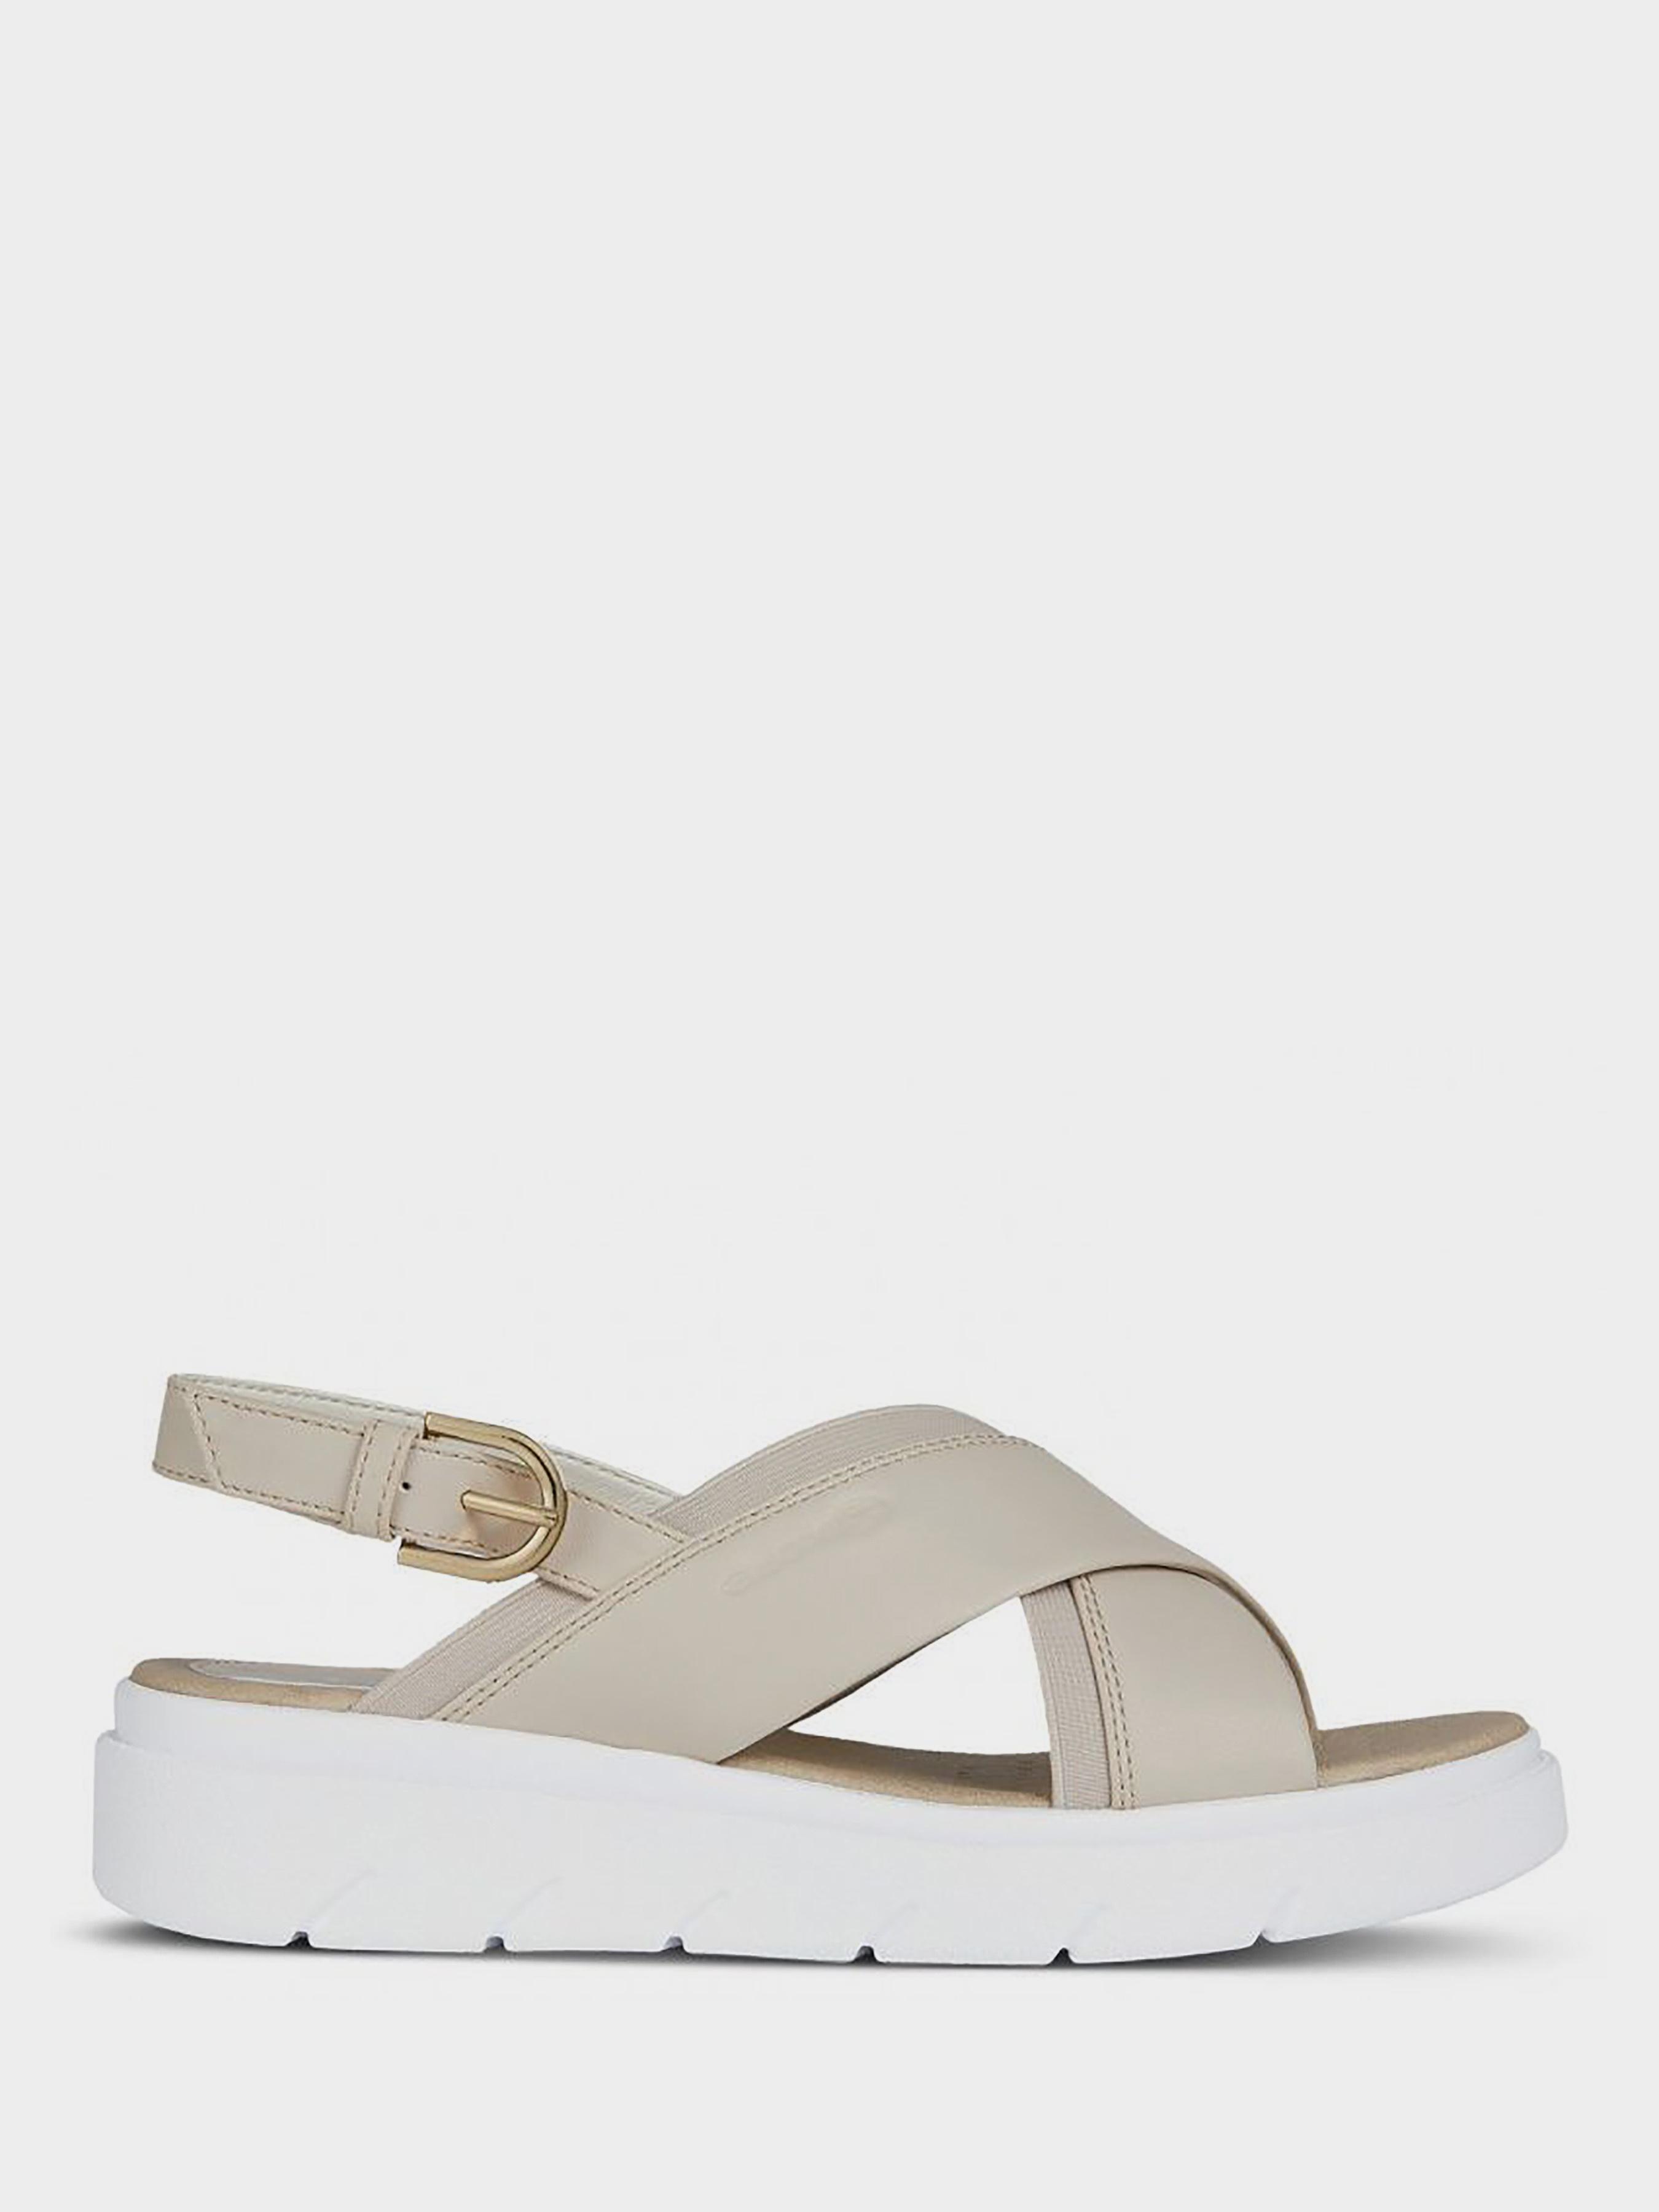 Босоножки для женщин Geox D TAMAS XW3578 купить обувь, 2017